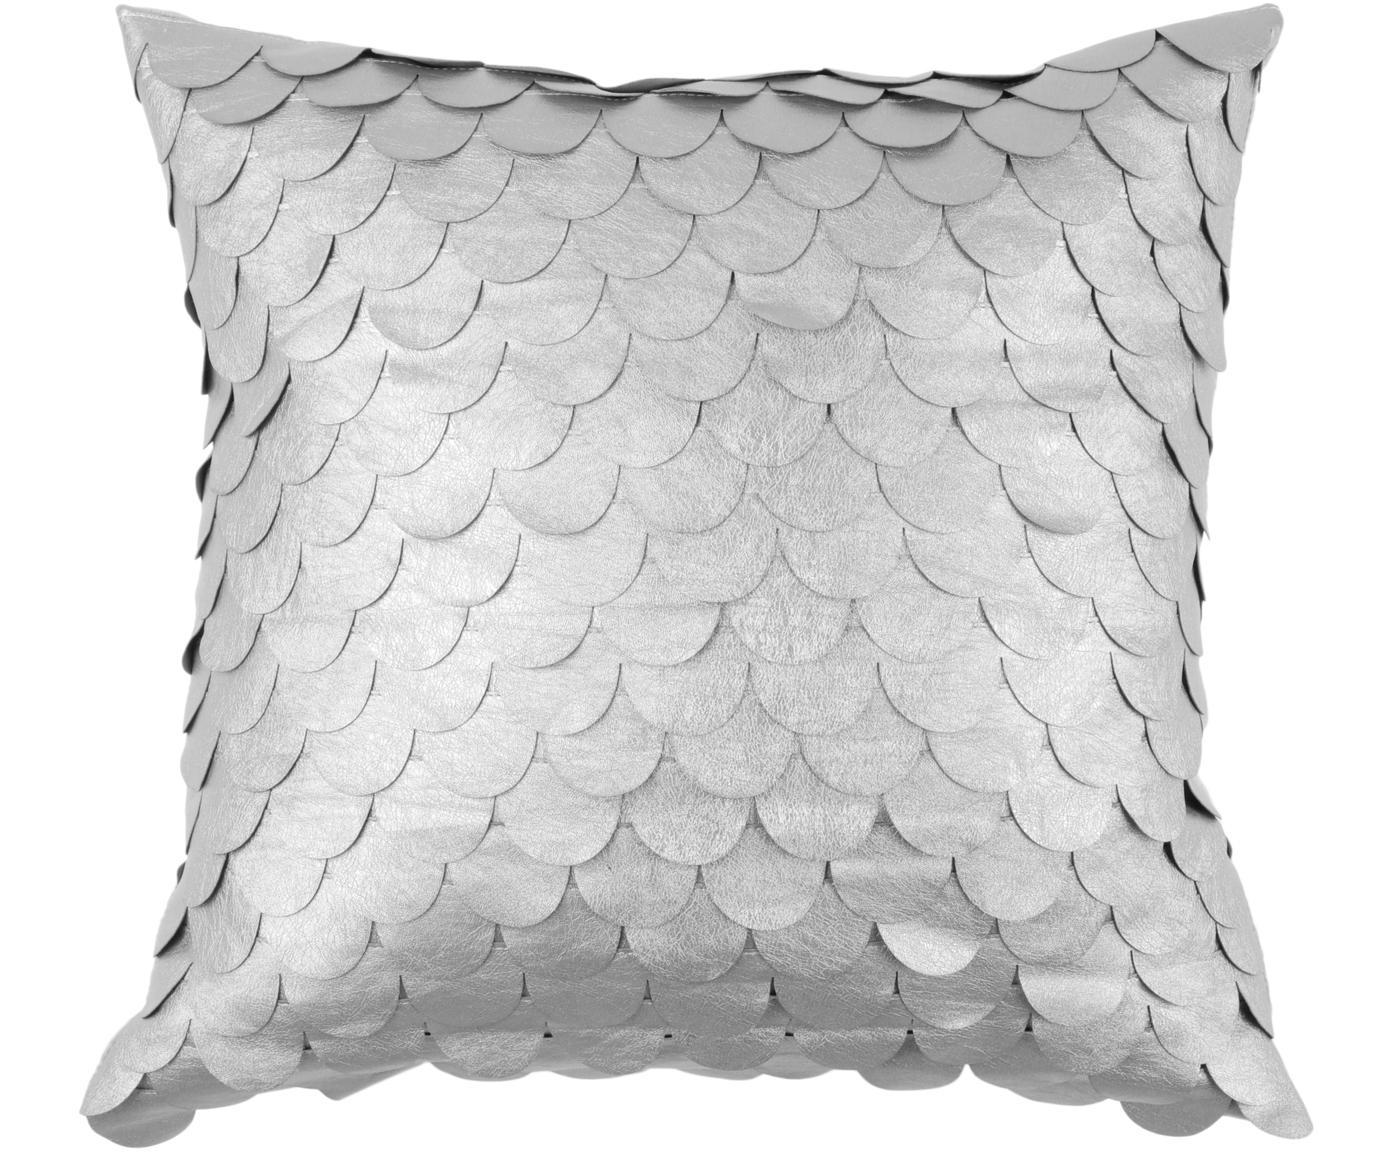 Błyszcząca poduszka z wypełnieniem Gasby Chic, Tapicerka: 50% poliester, 50% poliur, Odcienie srebrnego, S 40 x D 40 cm